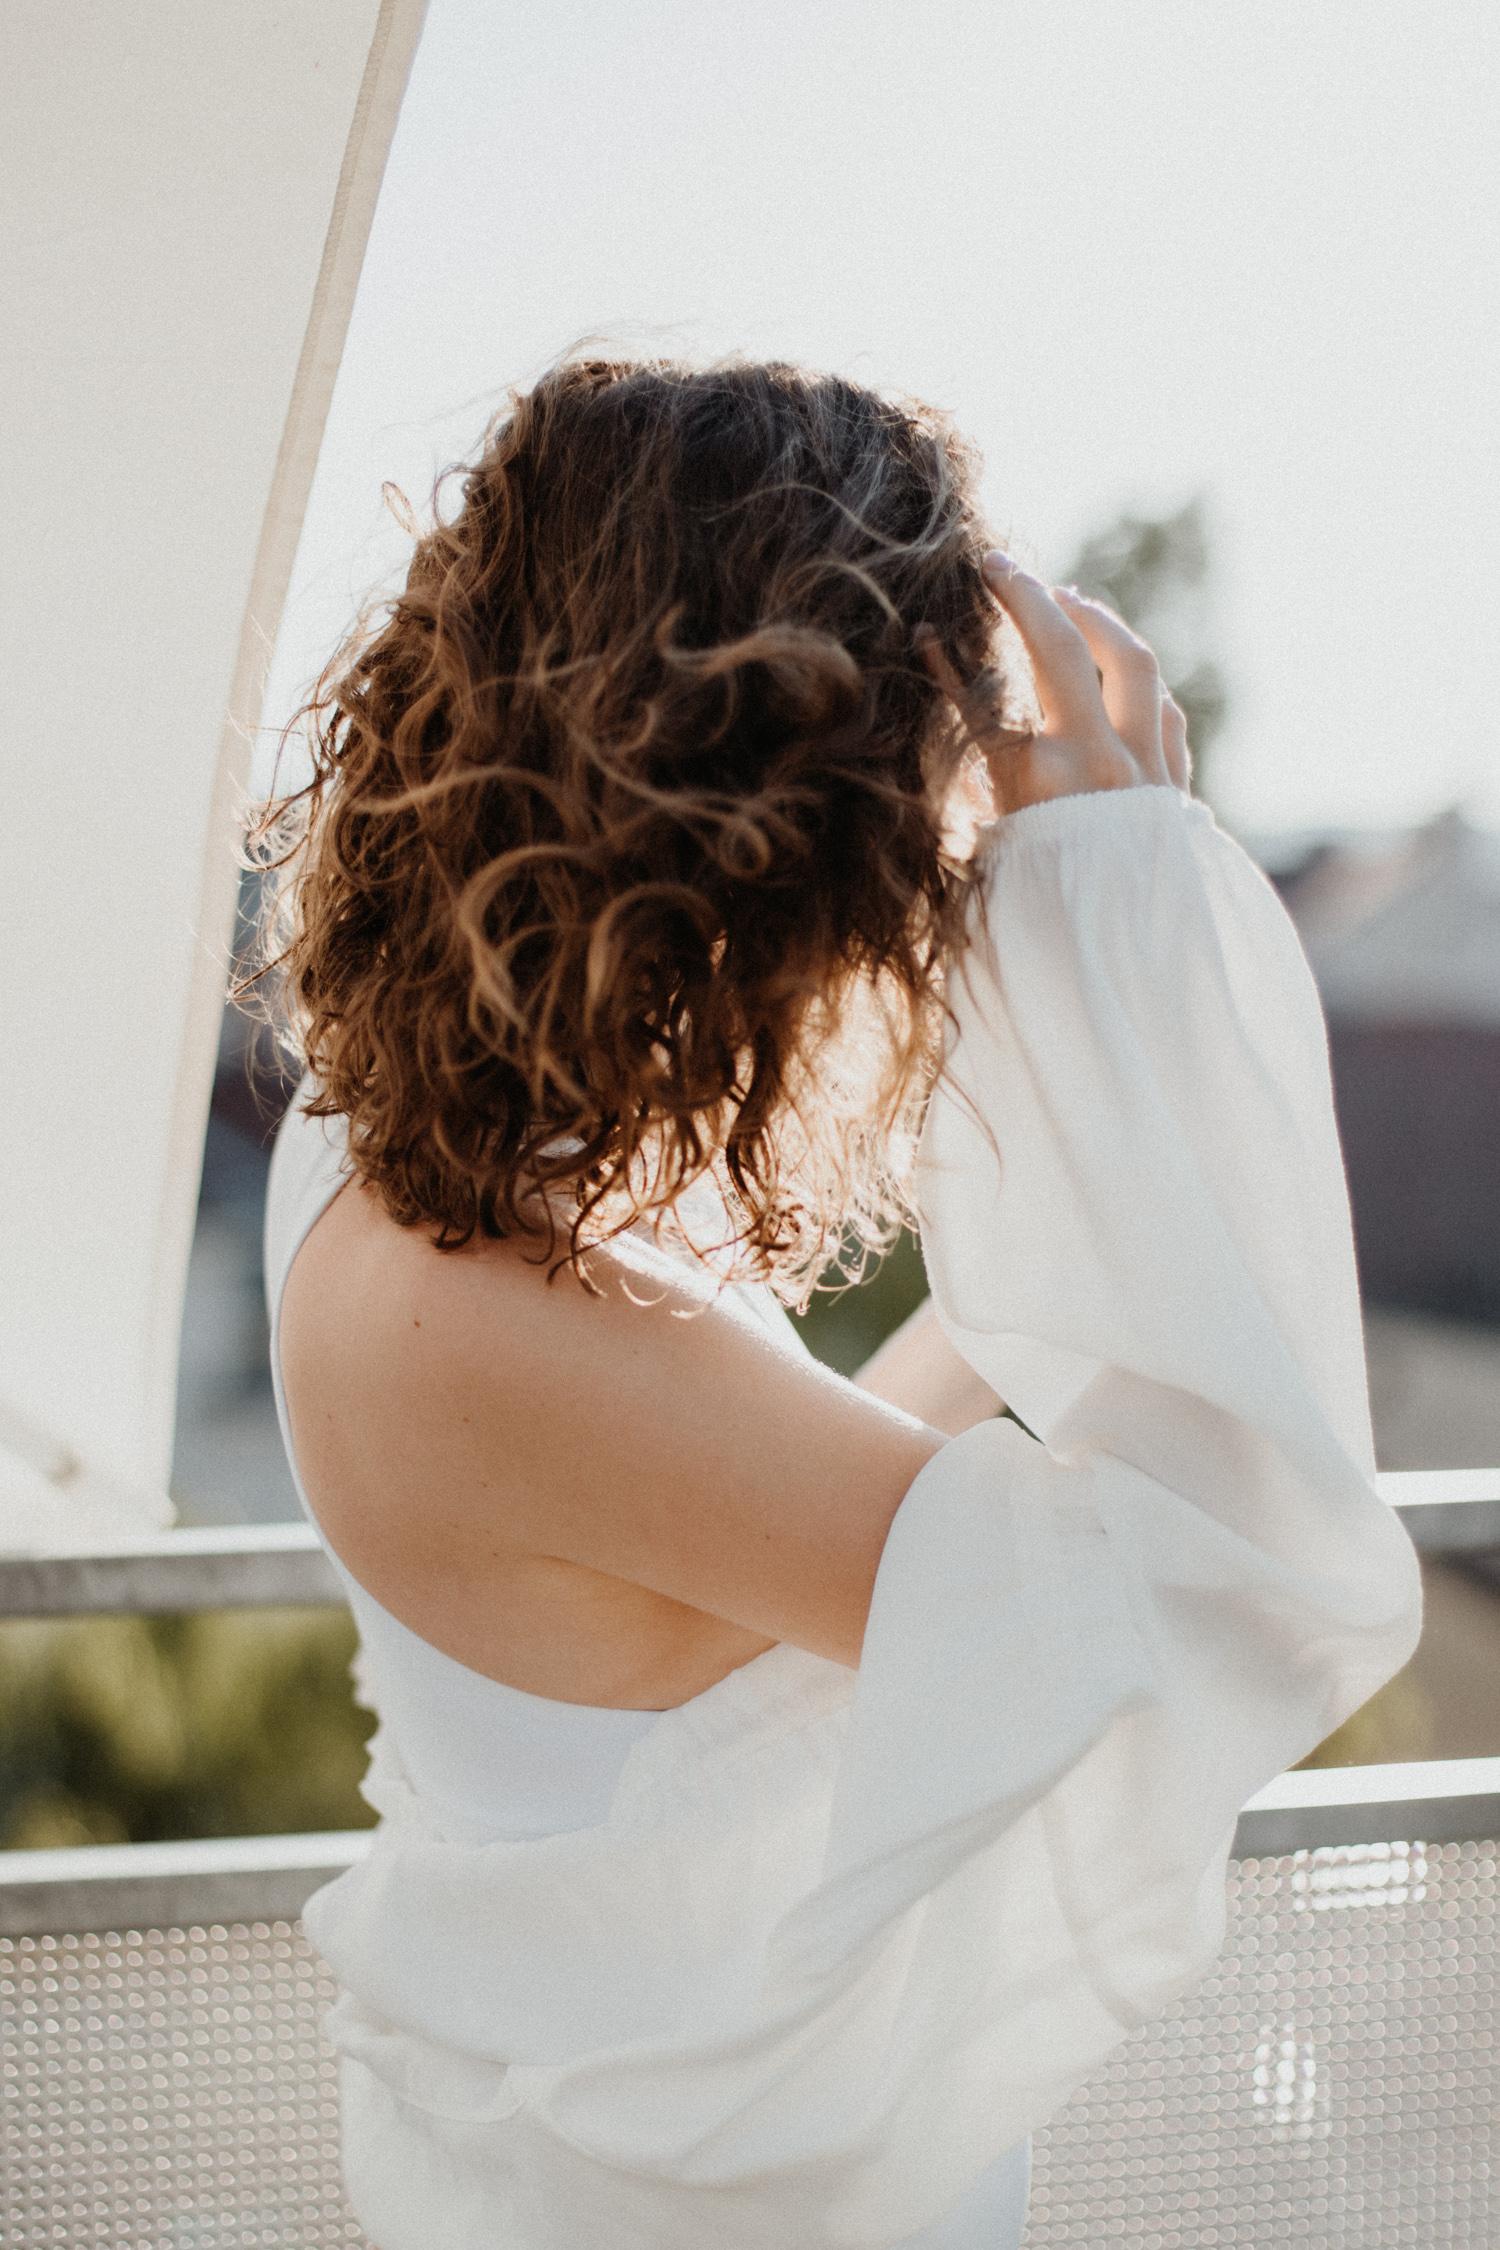 wieso ist Sonnenpflege so wichtig? - Love Daily Dose